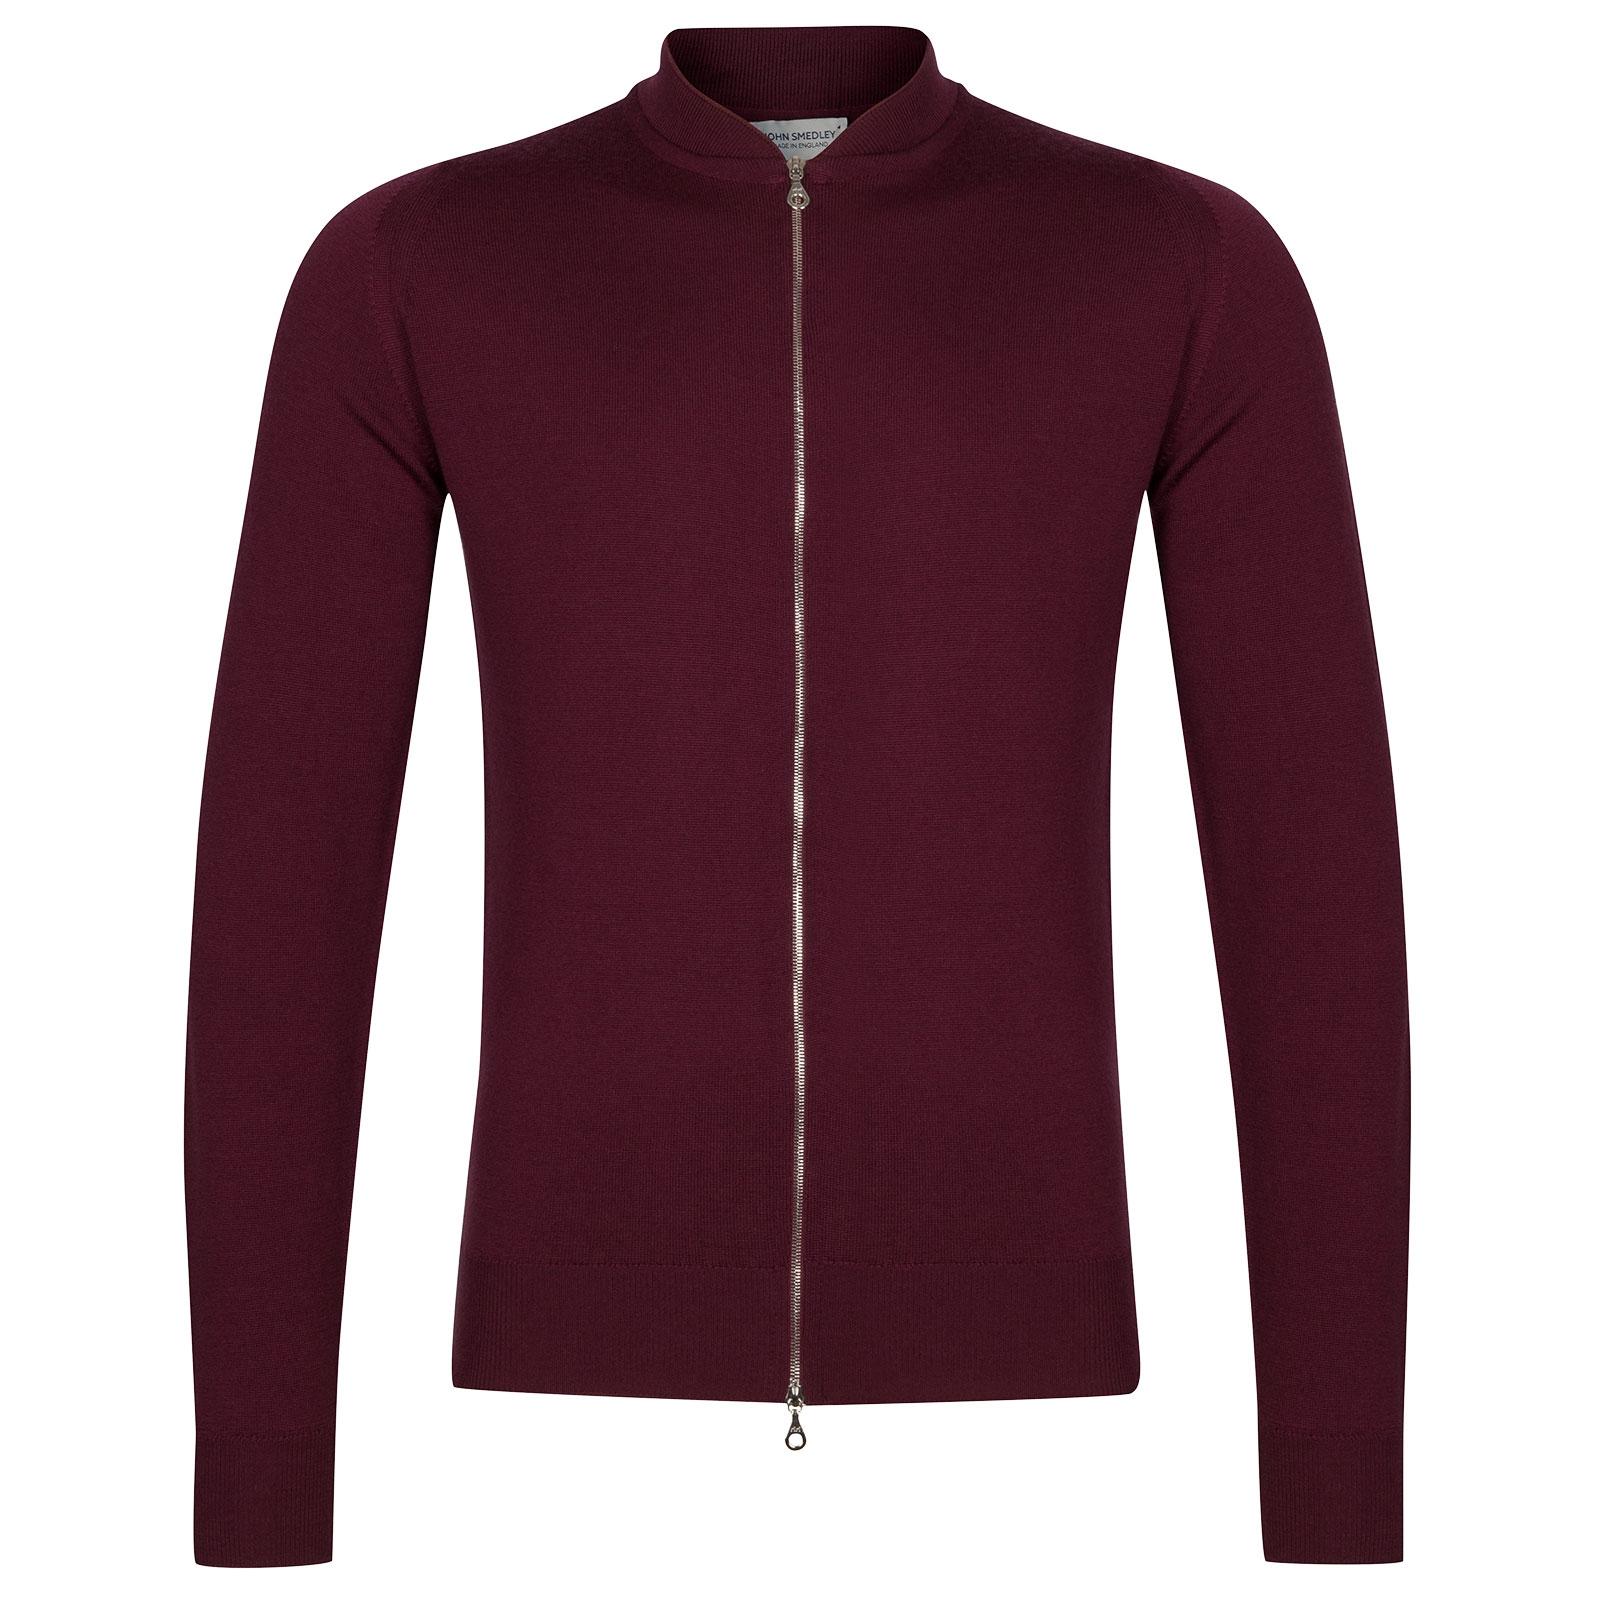 John Smedley Maclean Merino Wool Bomber Jacket in Bordeaux-XL